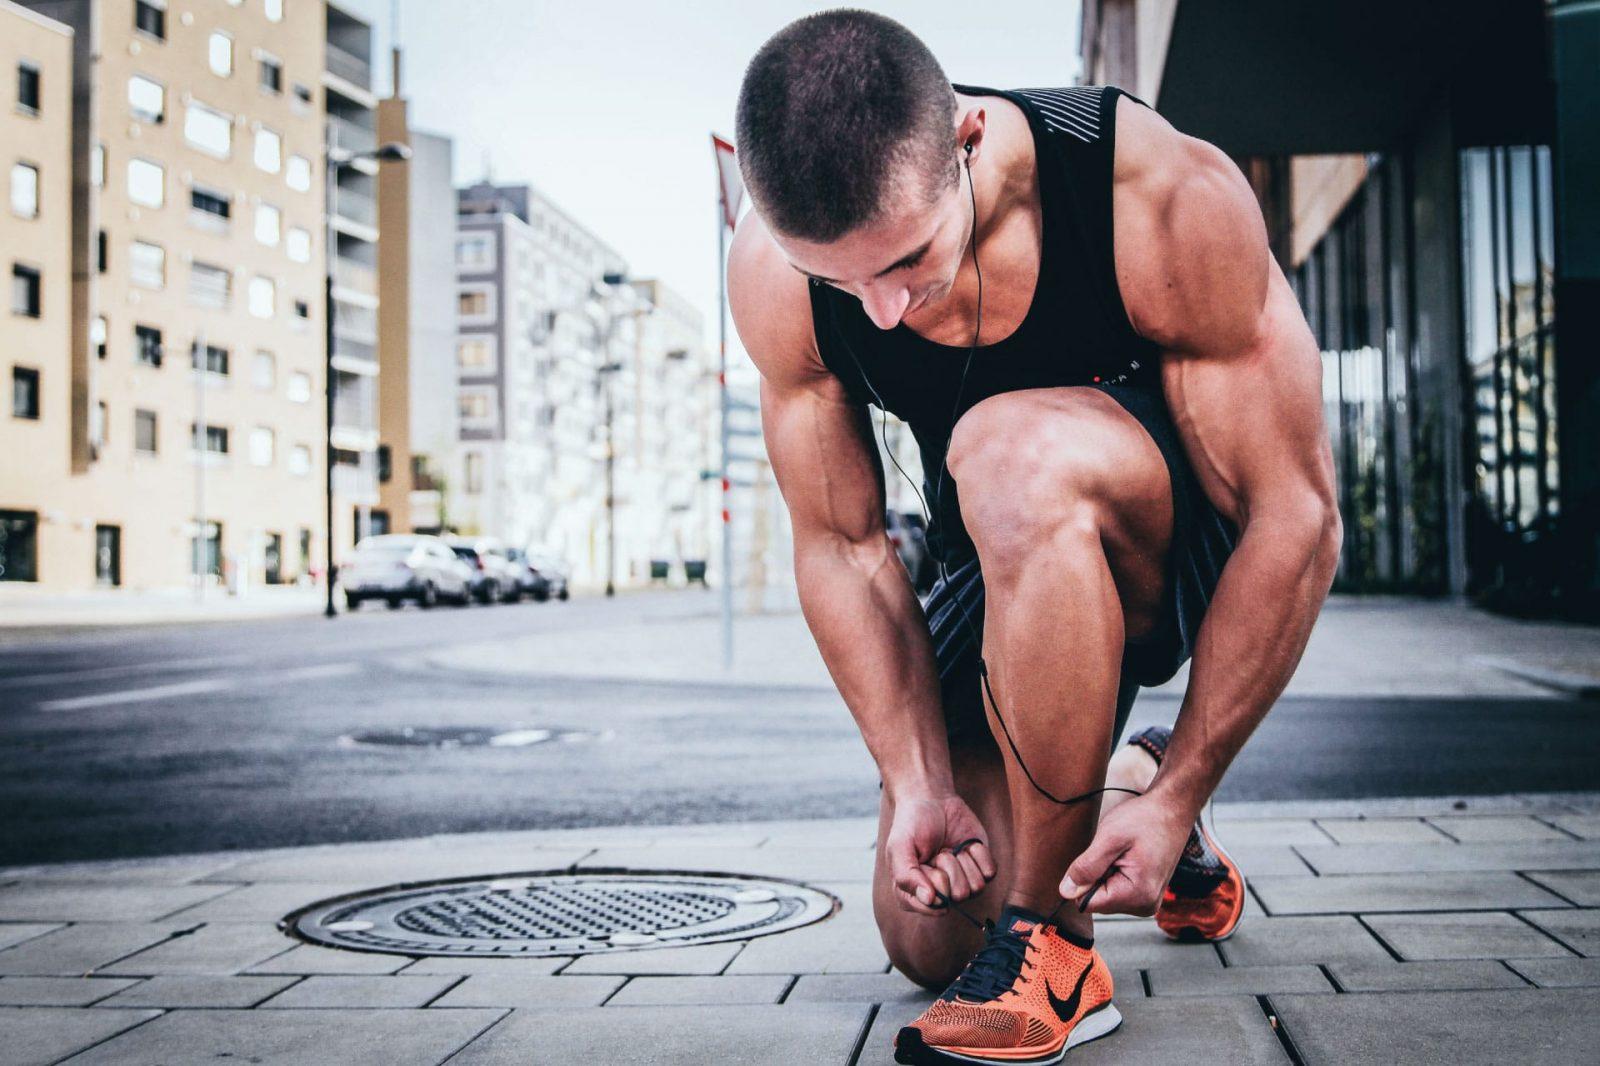 Спортсмен готовится в бегу на улице (завязывает шнурки на кроссовках)